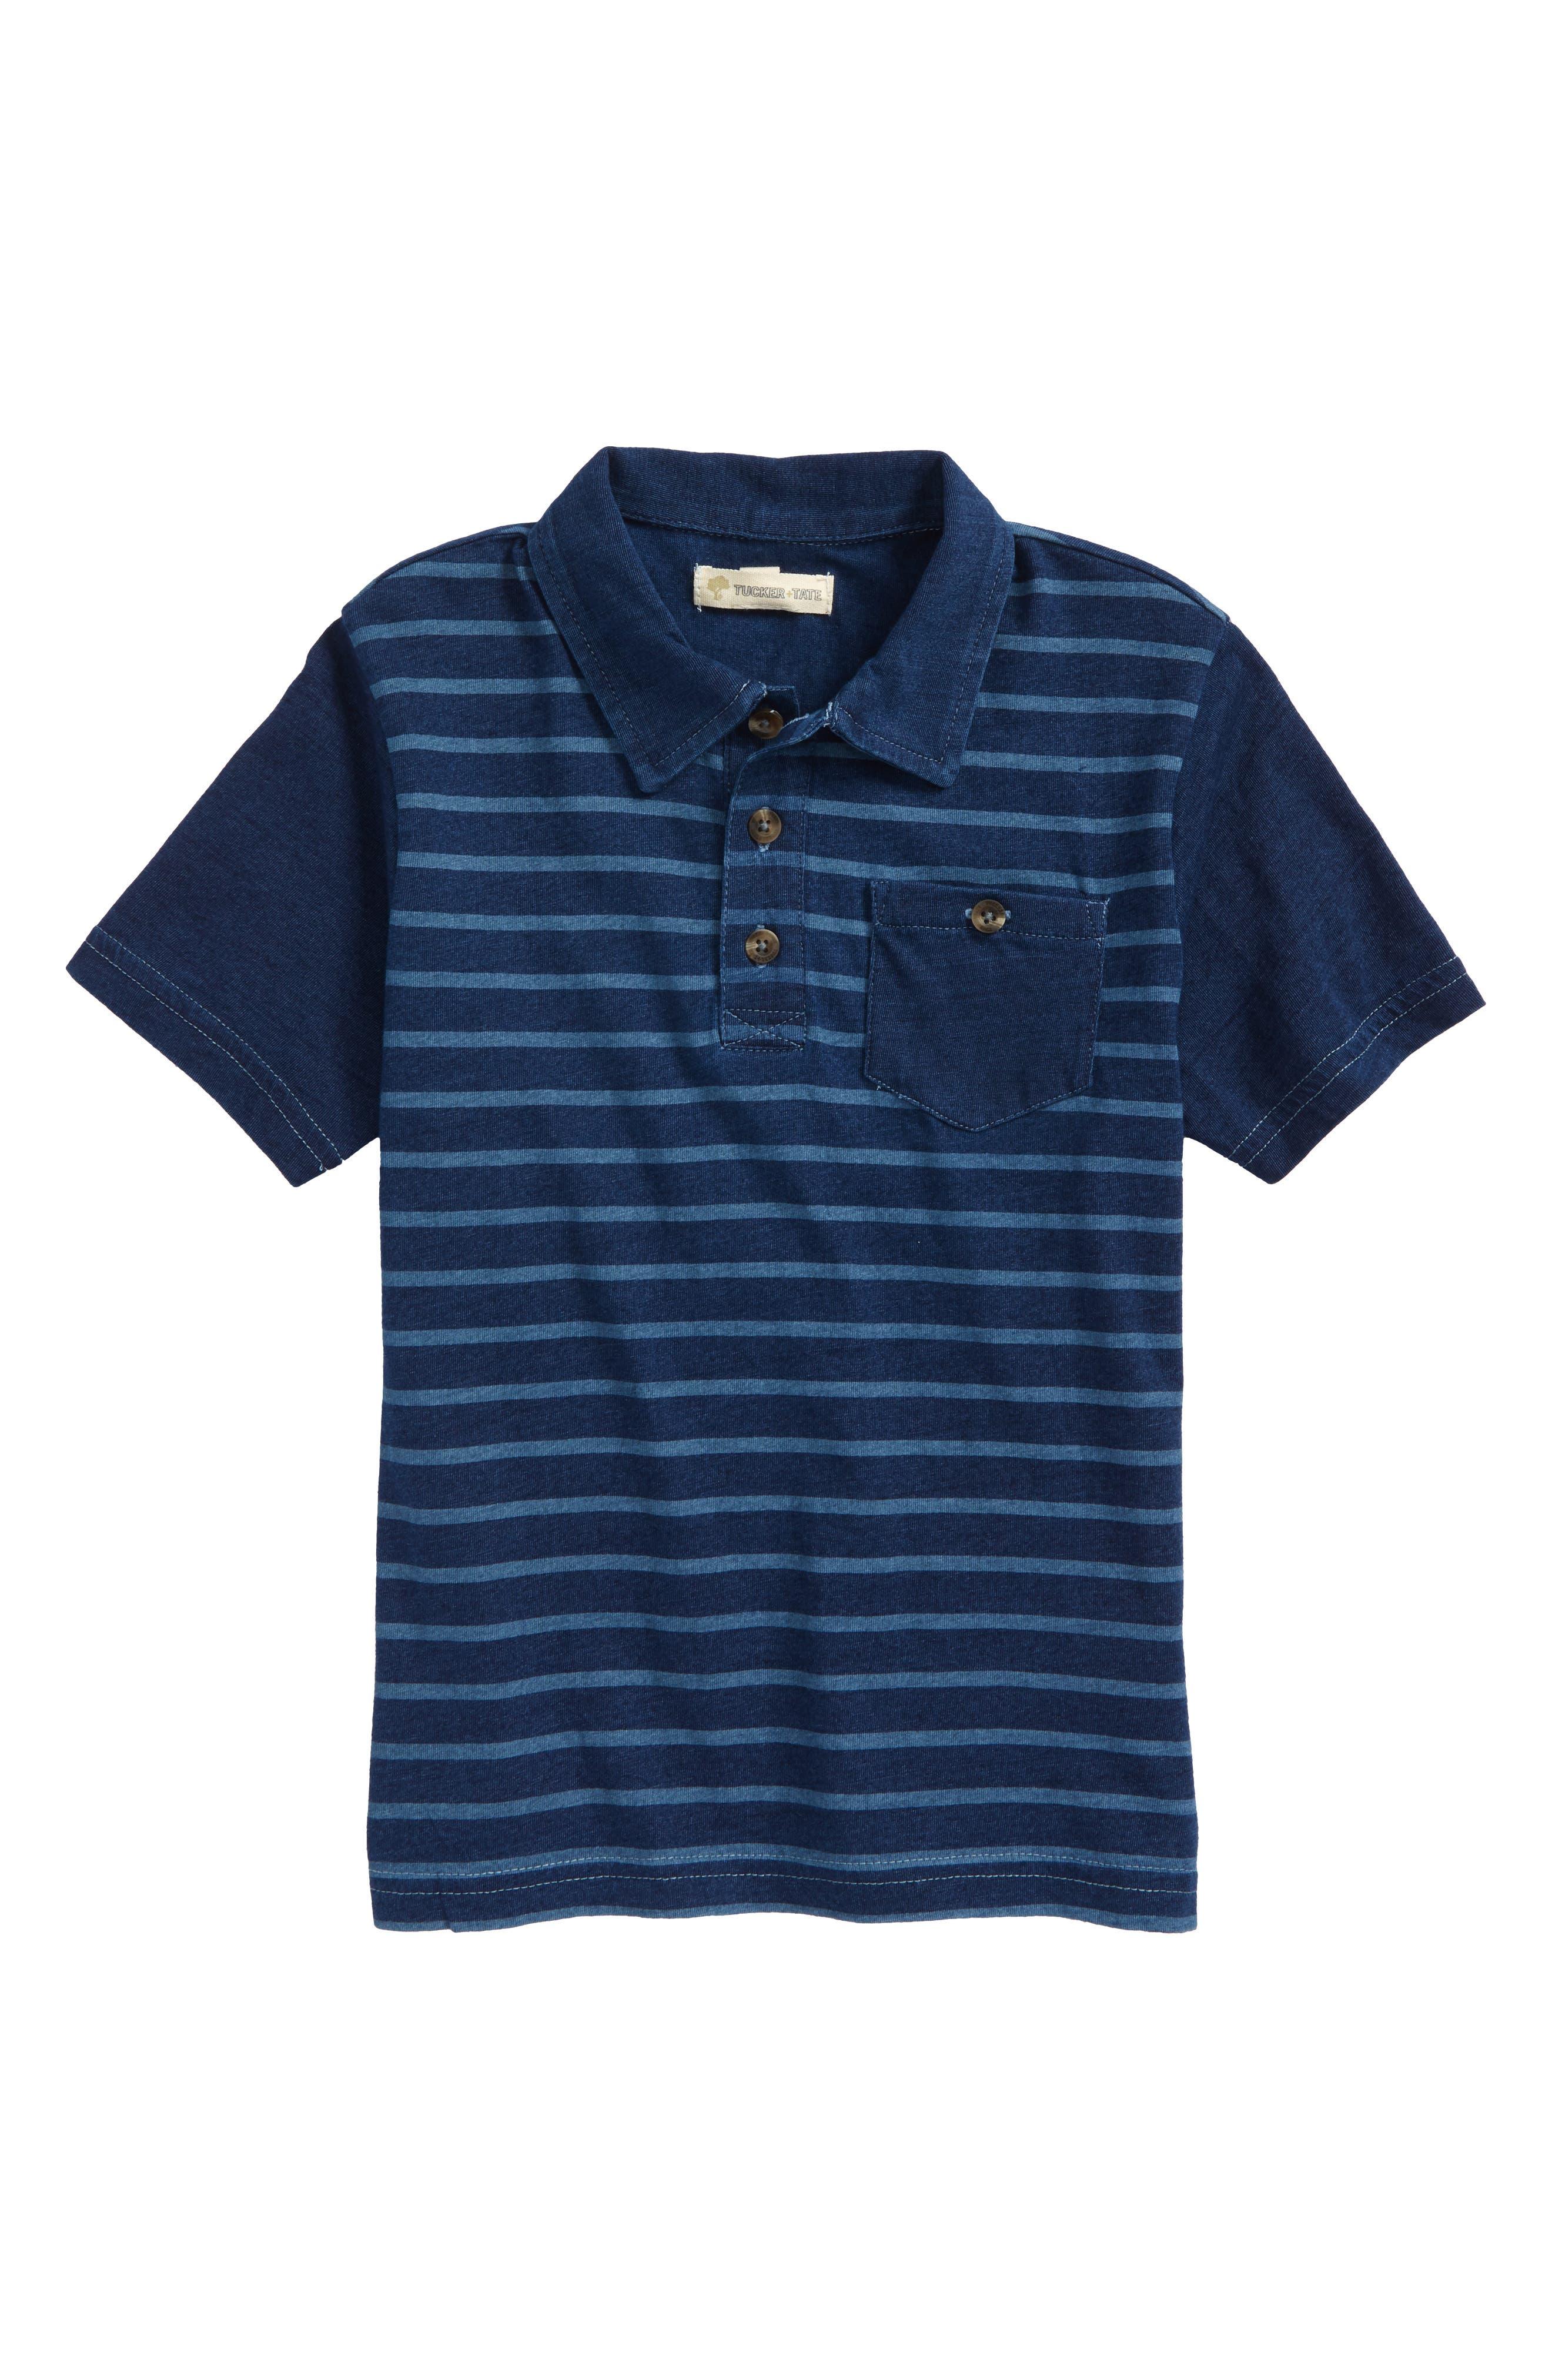 Stripe Polo,                         Main,                         color, Navy Denim Stripe